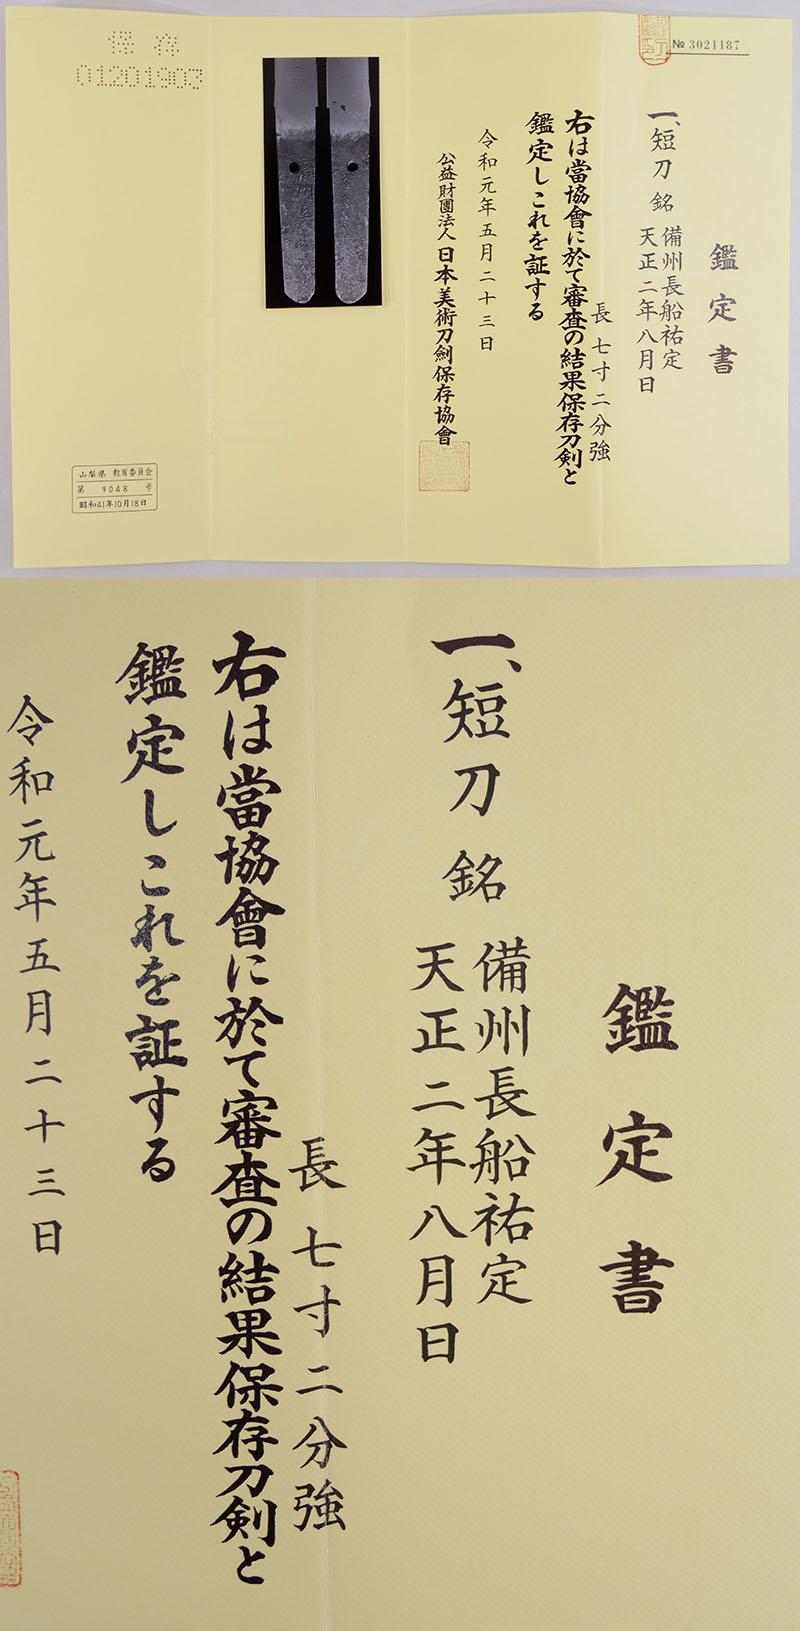 備州長船祐定 Picture of Certificate